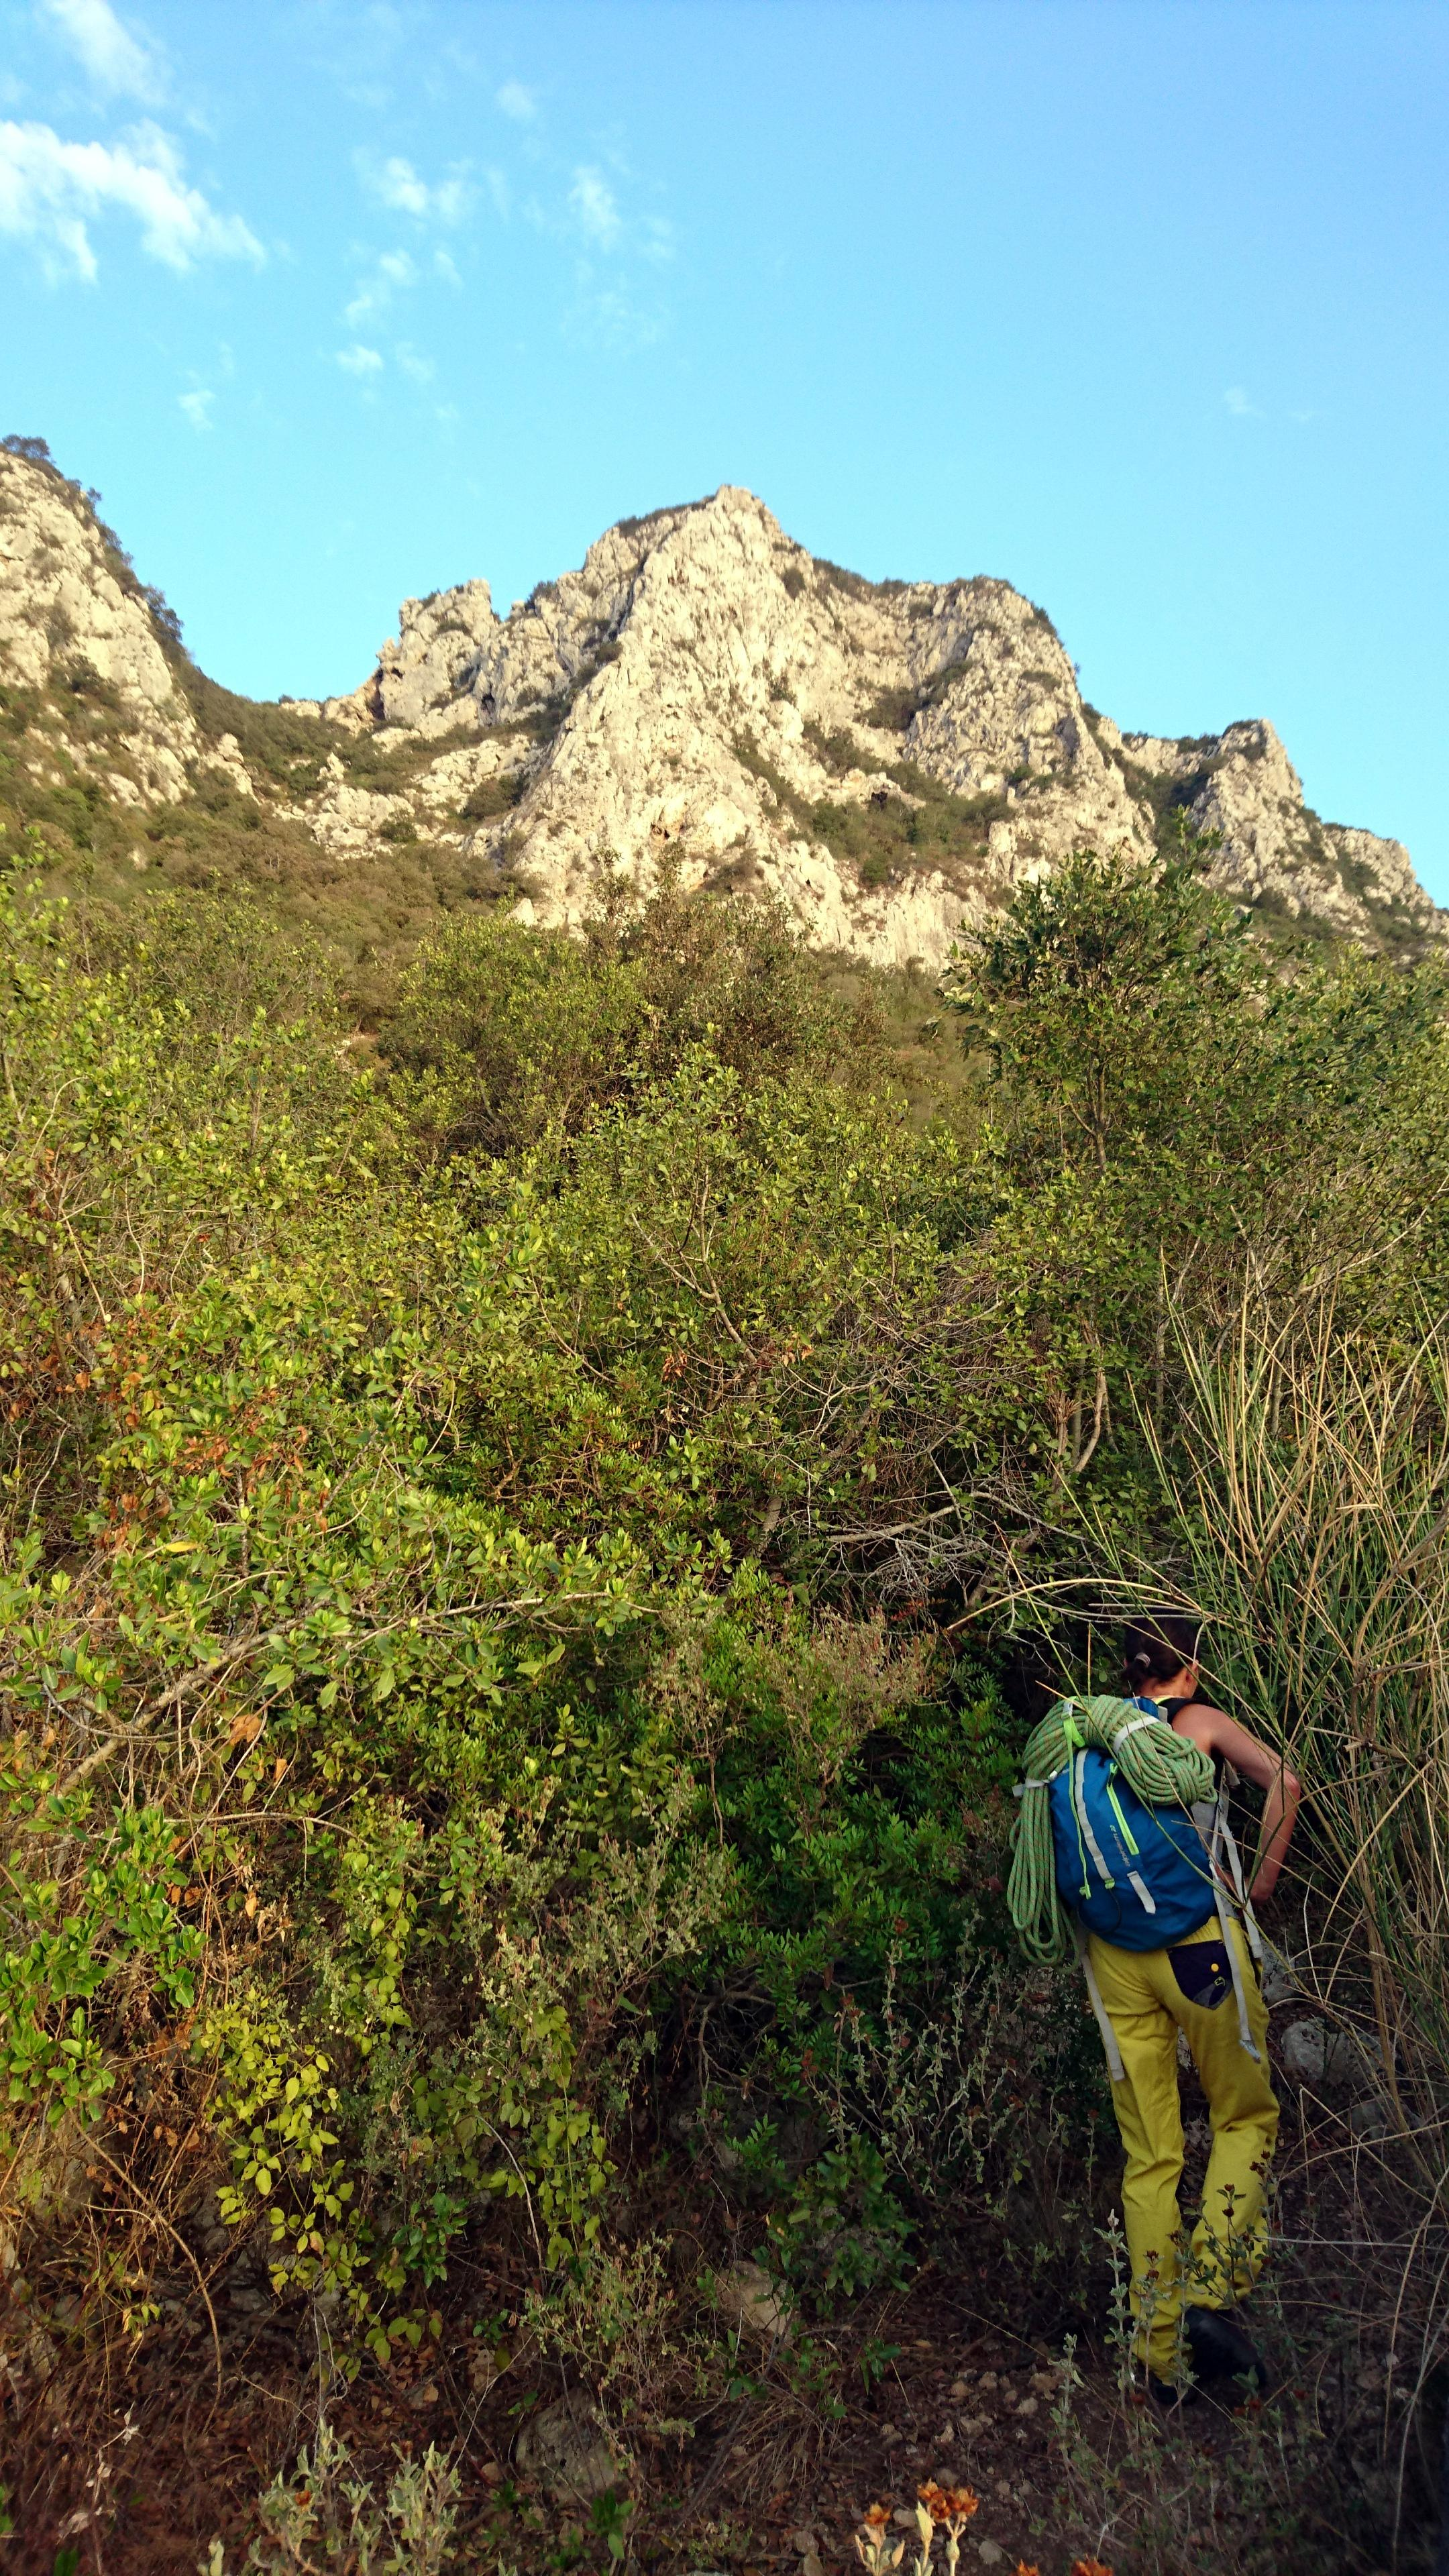 Il sentiero procede nella fitta boscaglia ma è ben tracciato e ci sono anche delle corde fisse nei punti più brutti